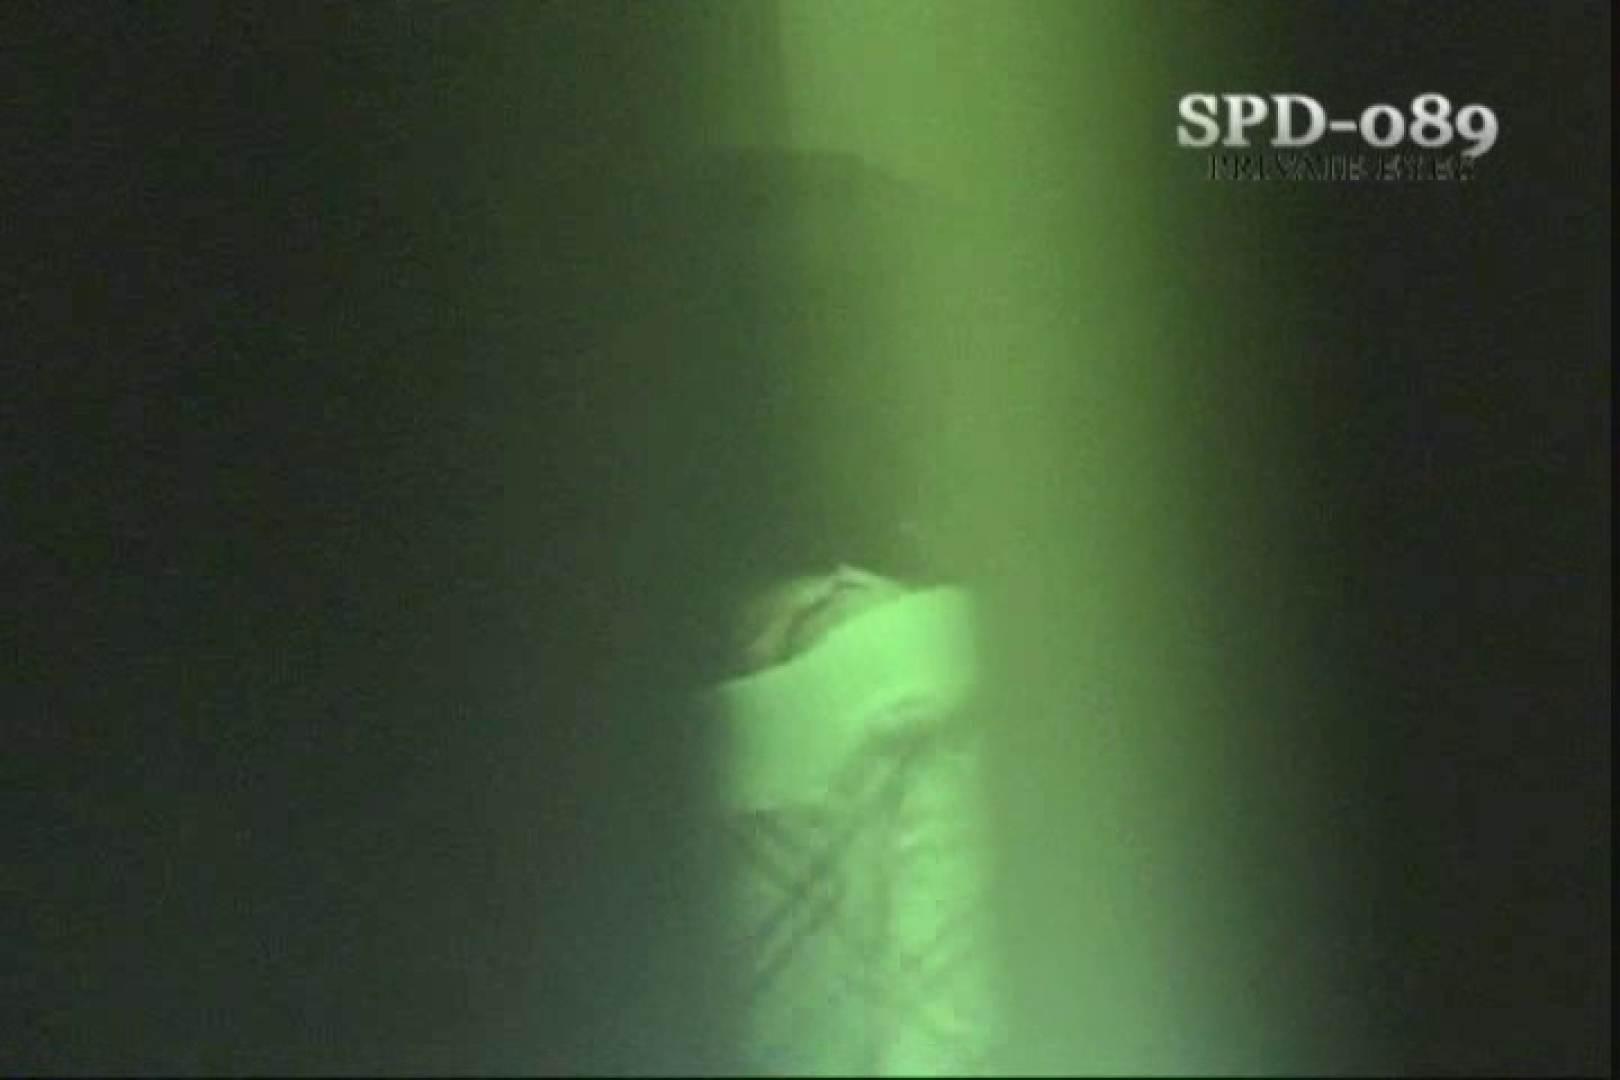 高画質版!SPD-089 厠の隙間 4 高画質  54連発 44